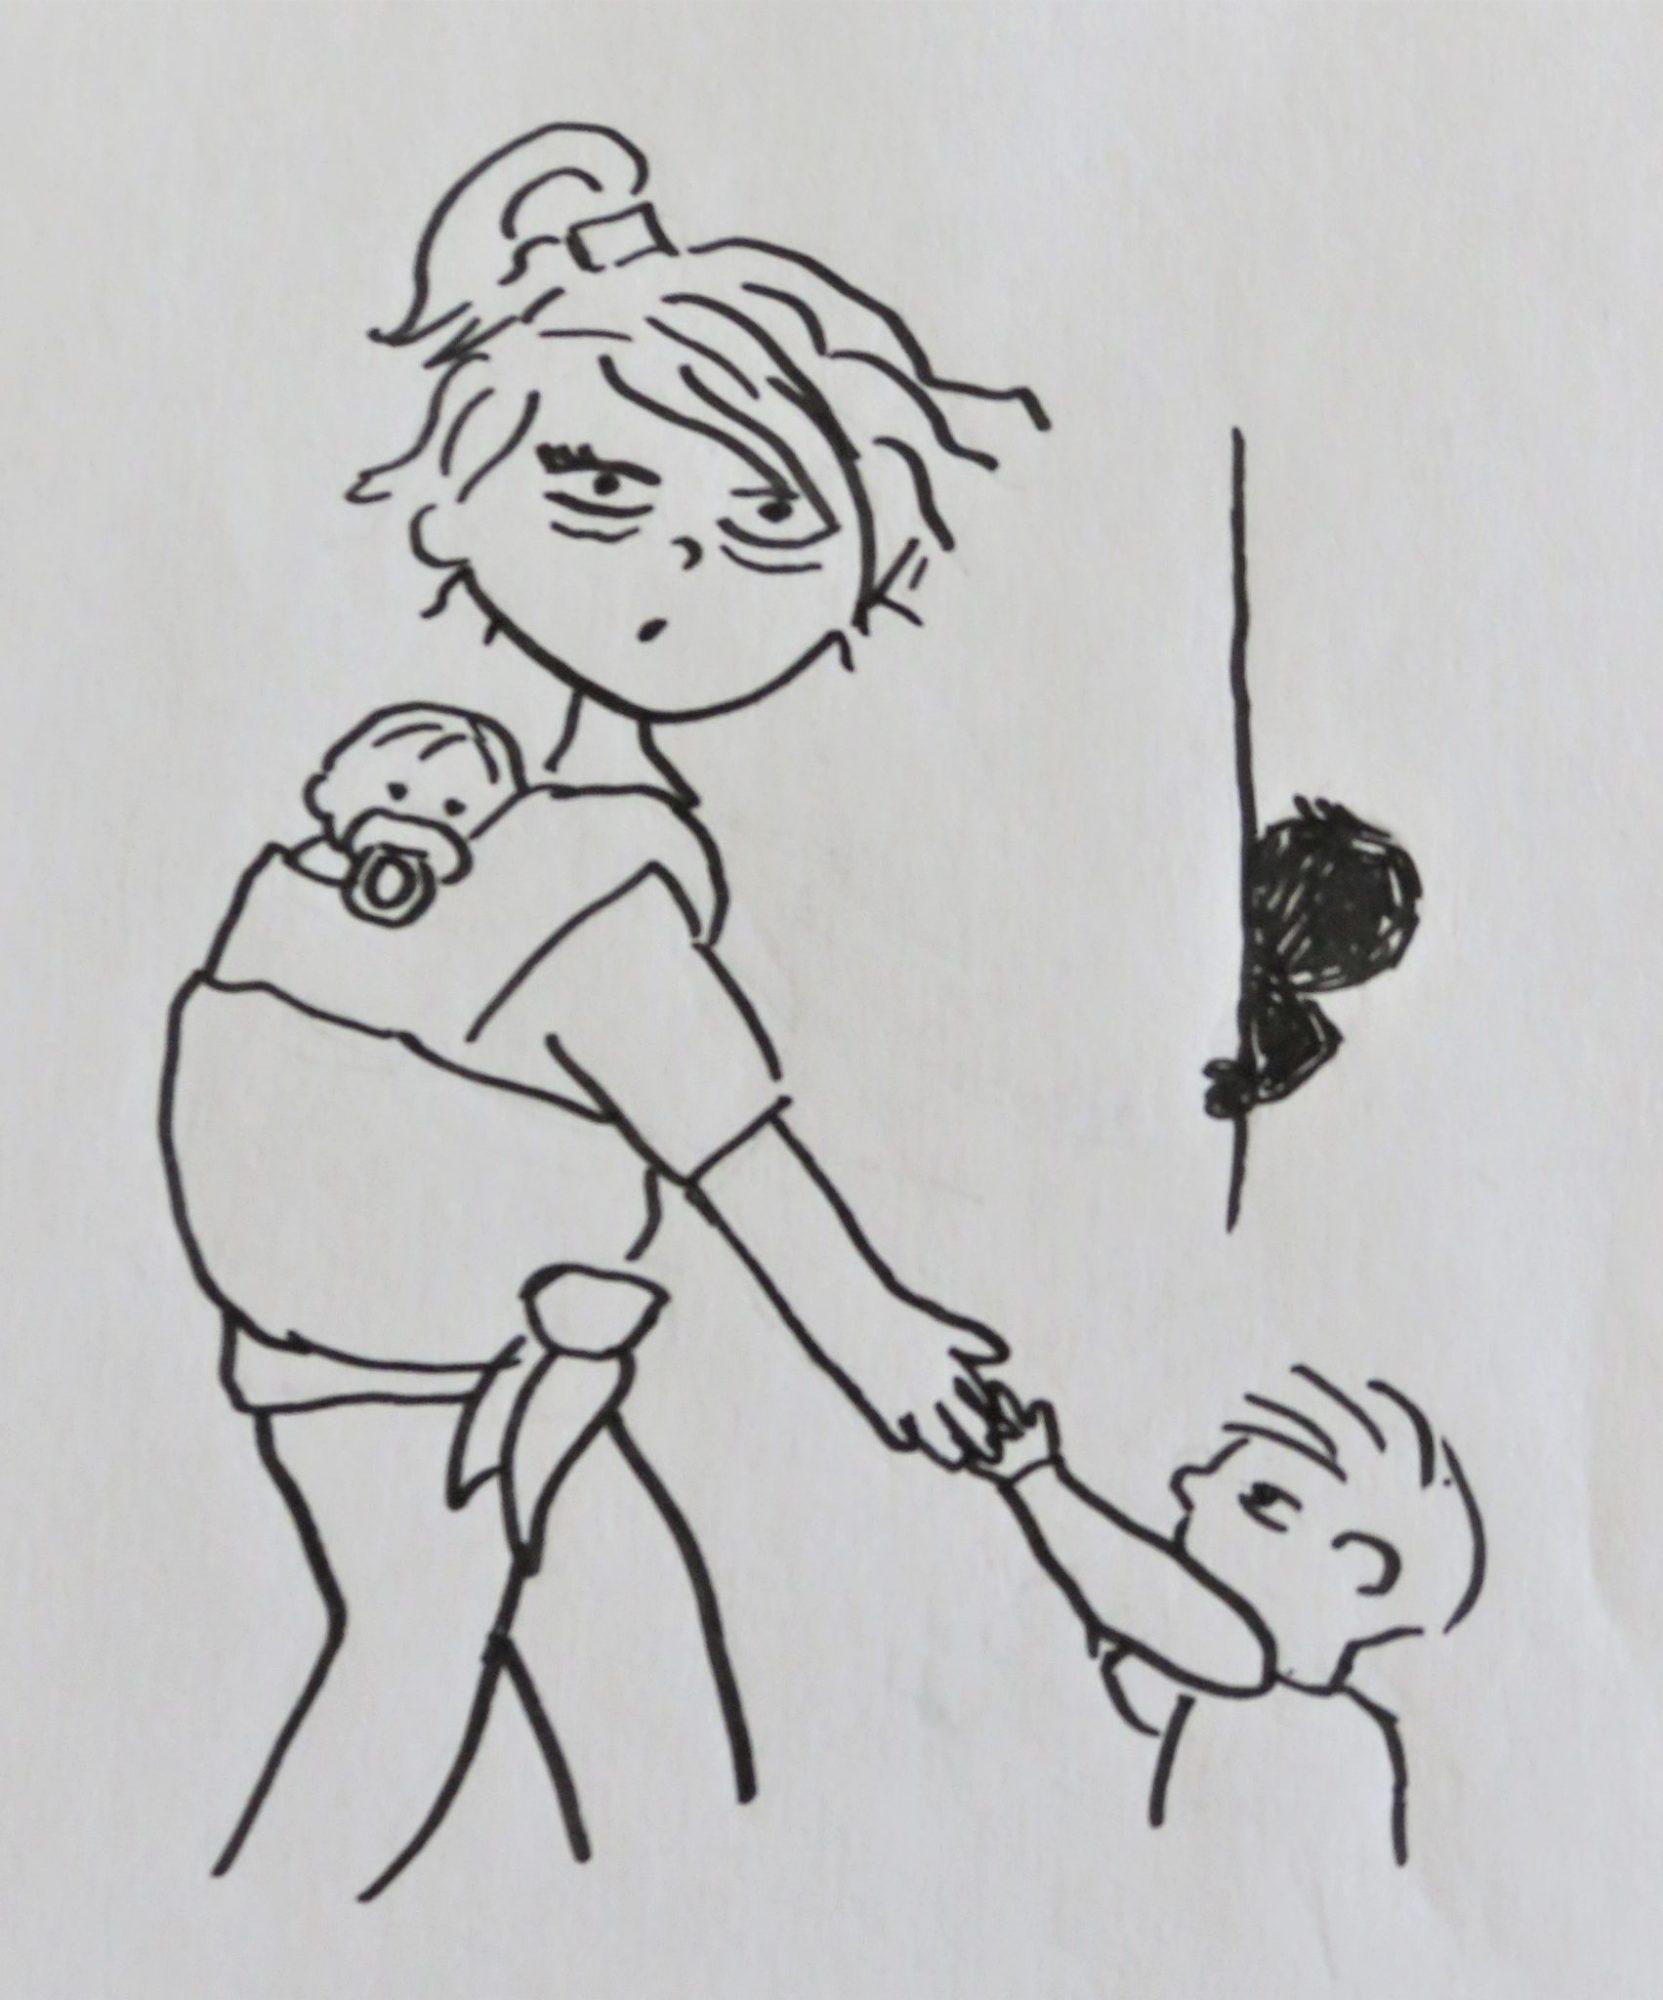 Vervelend kind…